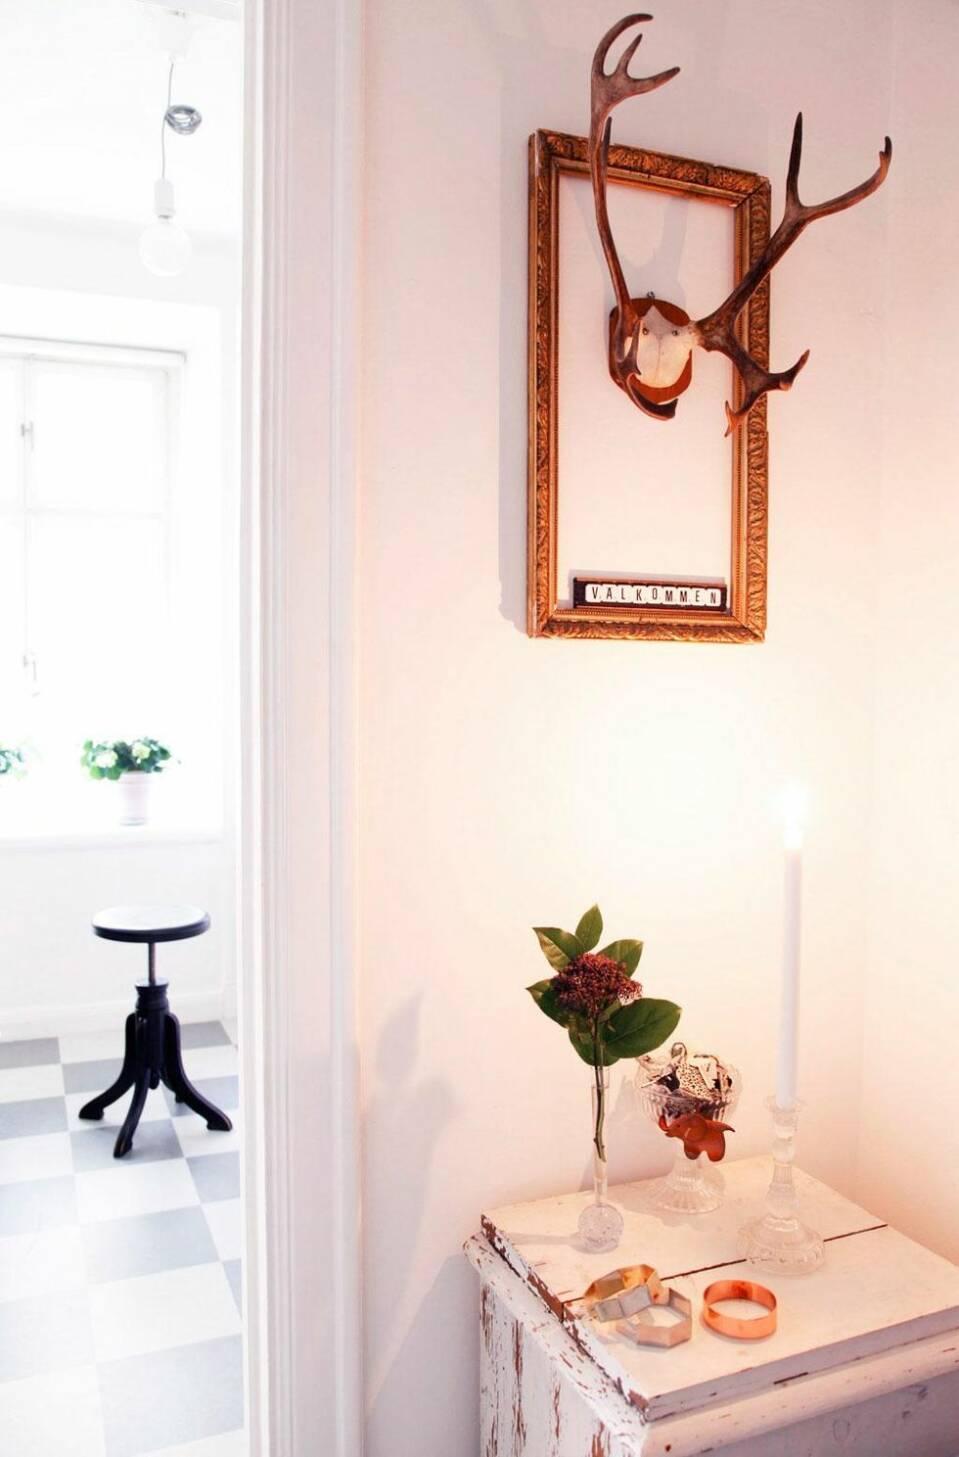 Mycket rum på få kvadrat – compact living när det är som bäst!